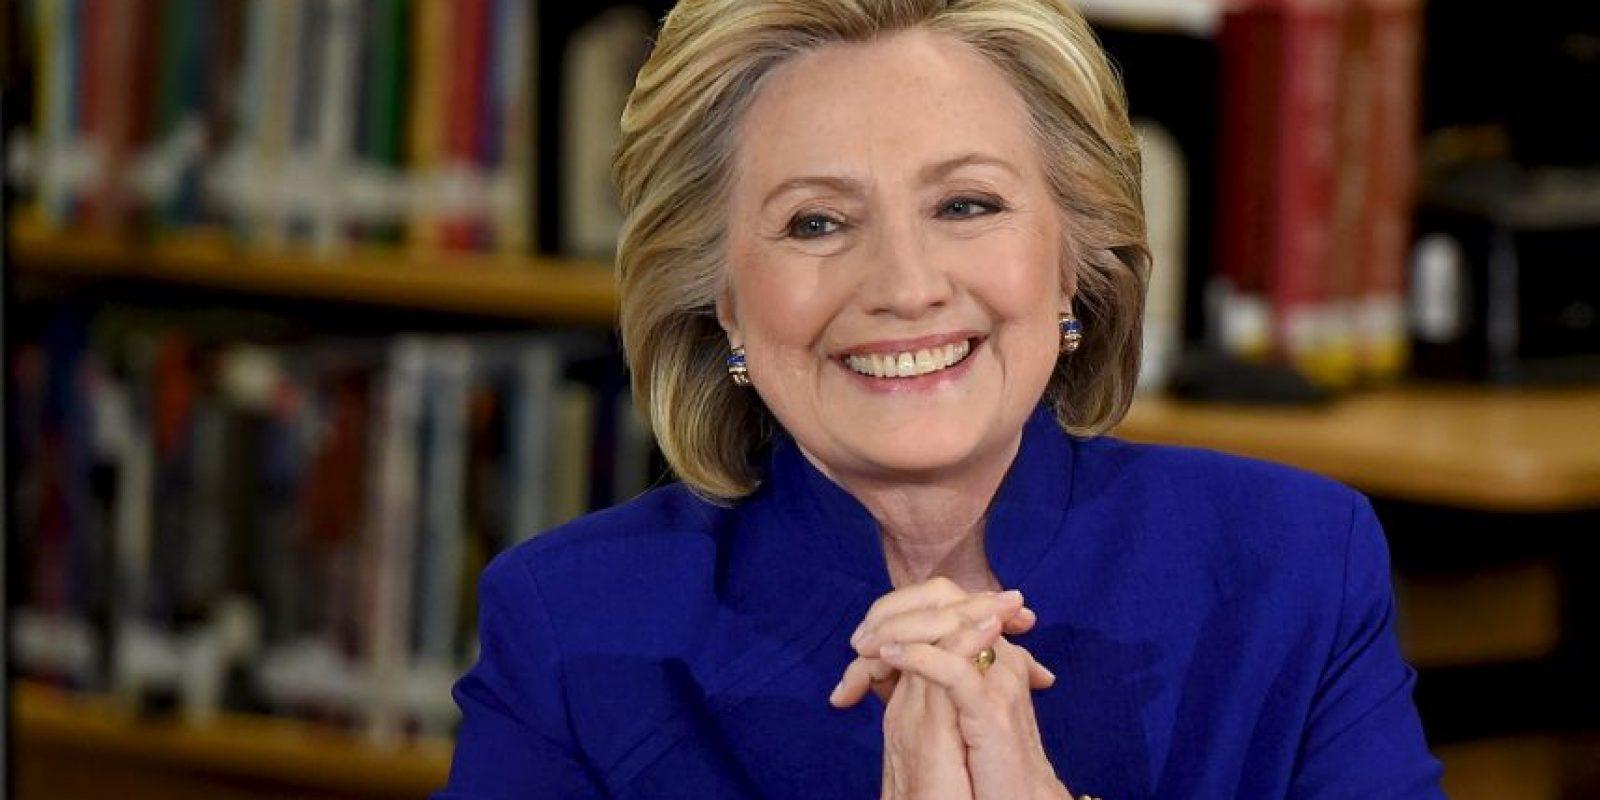 Victoria Beckham quiere dar un cambio de imágen a la candidata estadounidense Hillary Clinton Foto:Getty Images